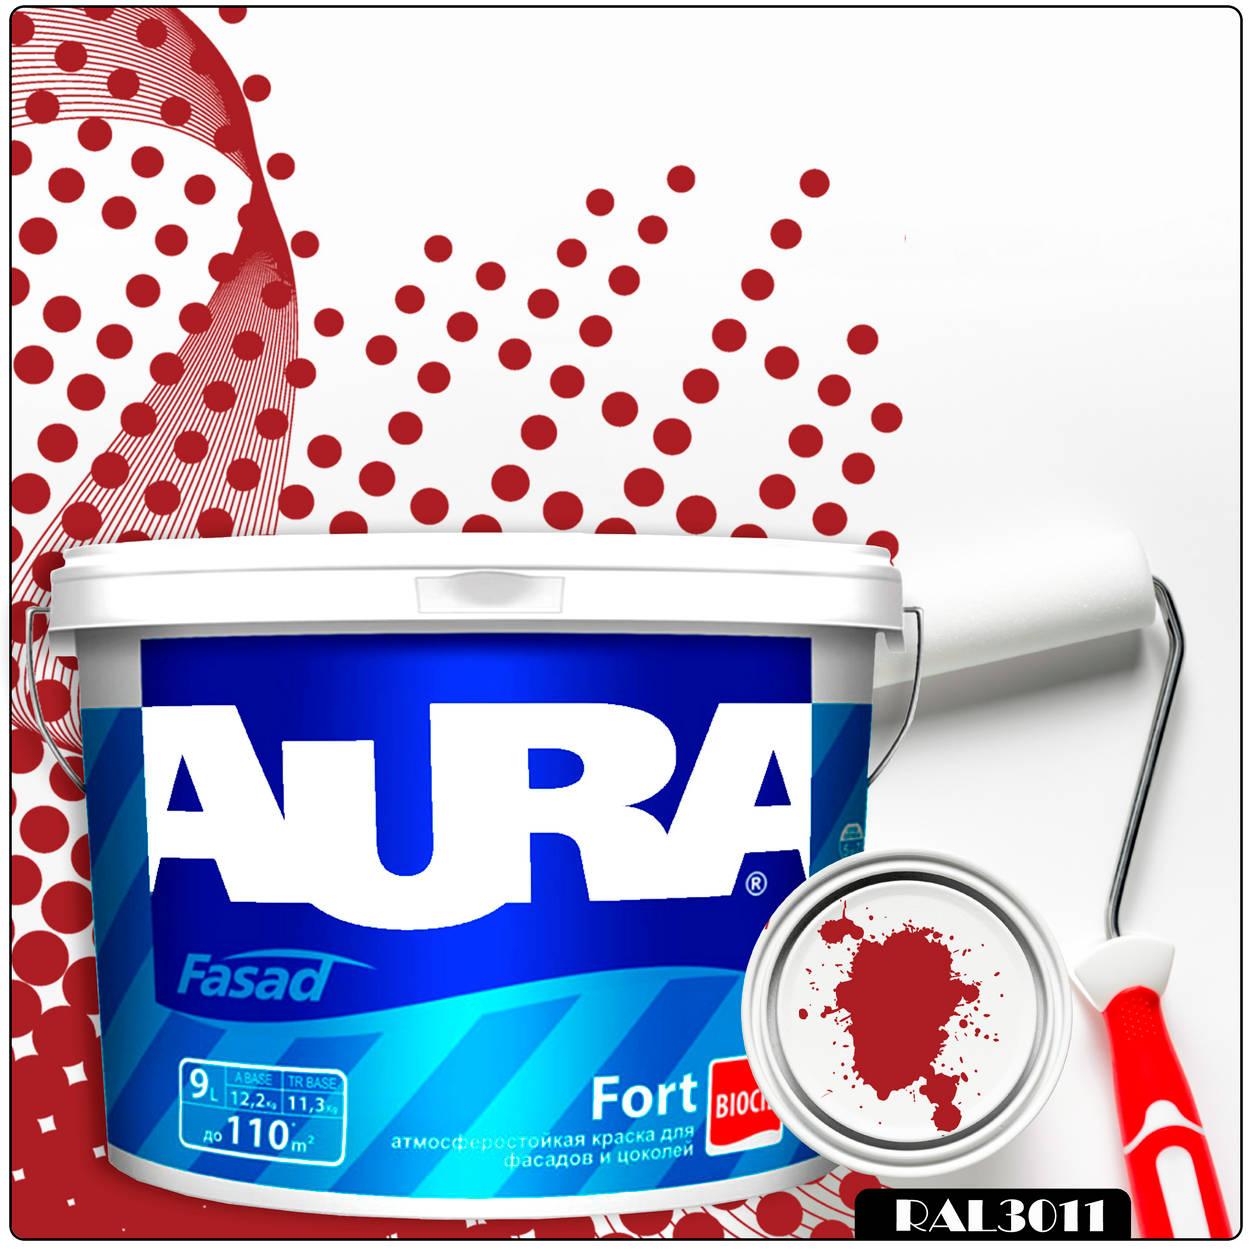 Фото 9 - Краска Aura Fasad Fort, RAL 3011 Коричнево-красный, латексная, матовая, для фасада и цоколей, 9л, Аура.